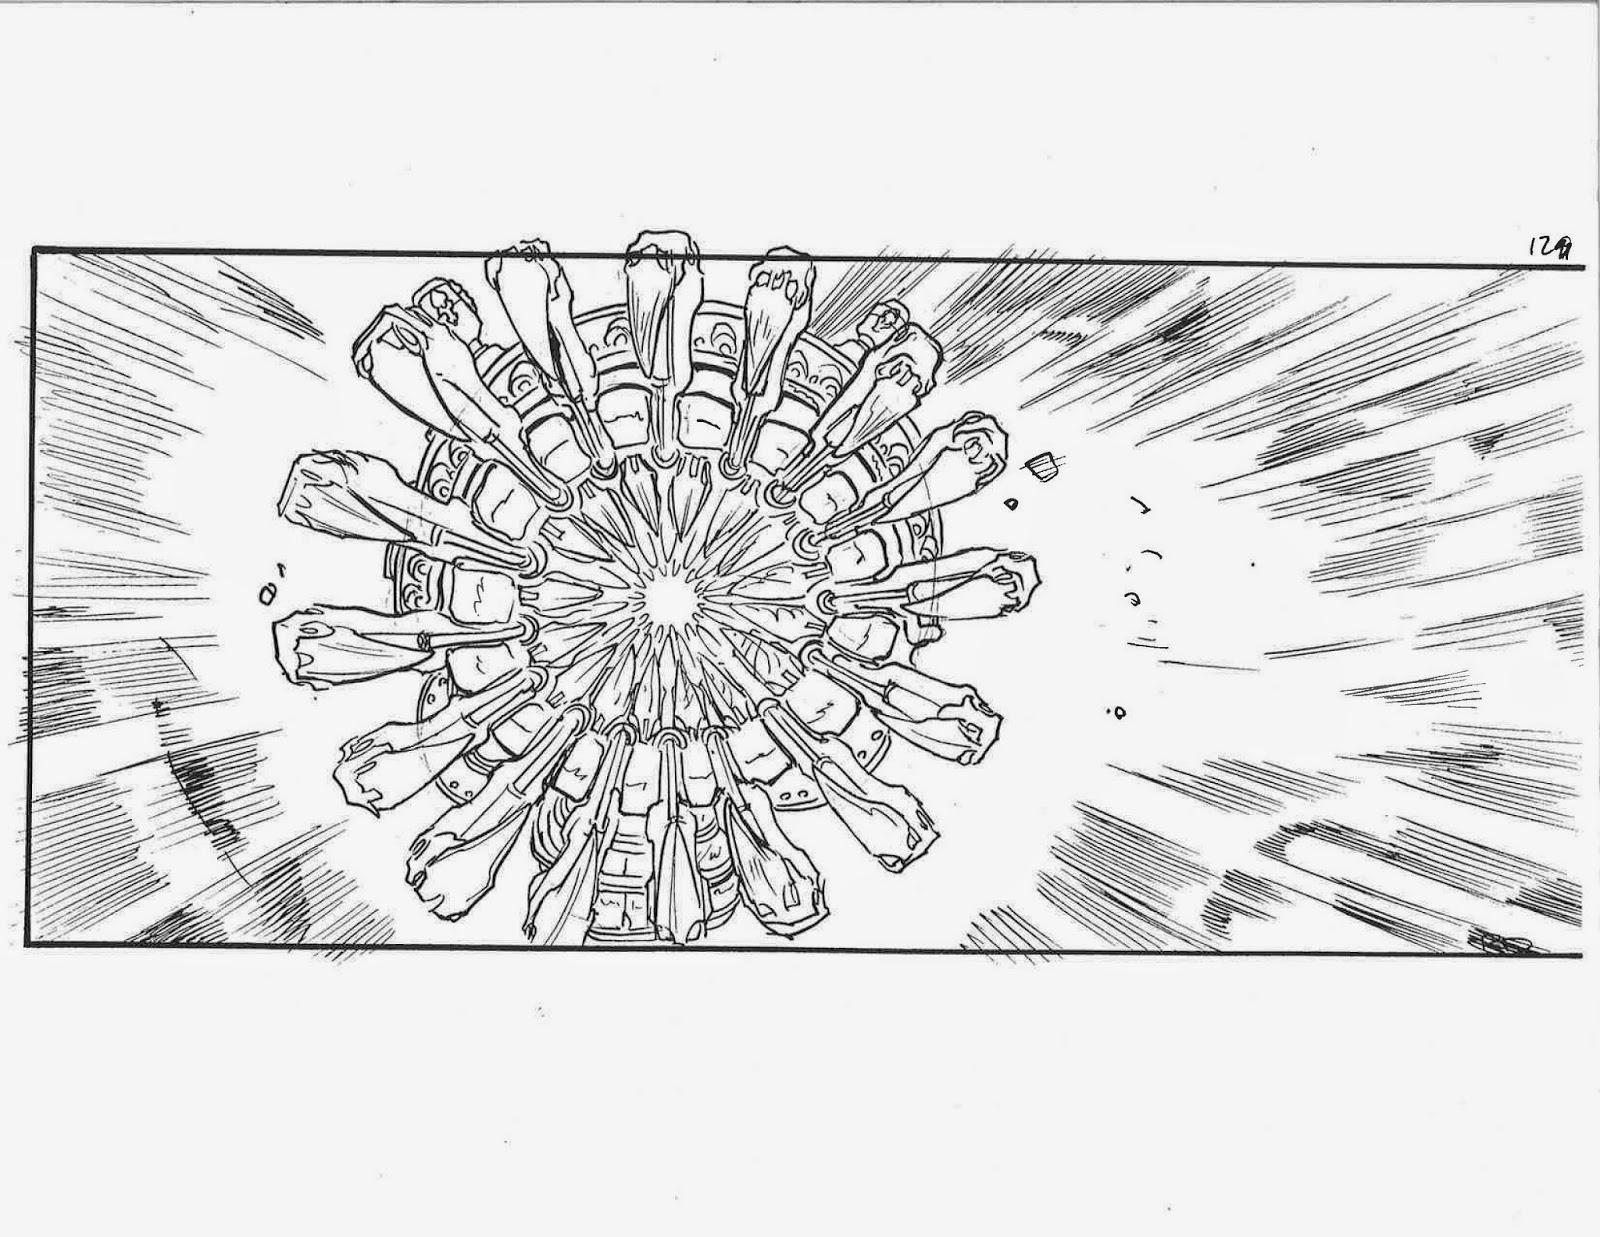 Ricardo Delgado's blog: Matrix tunnel sequence put together!